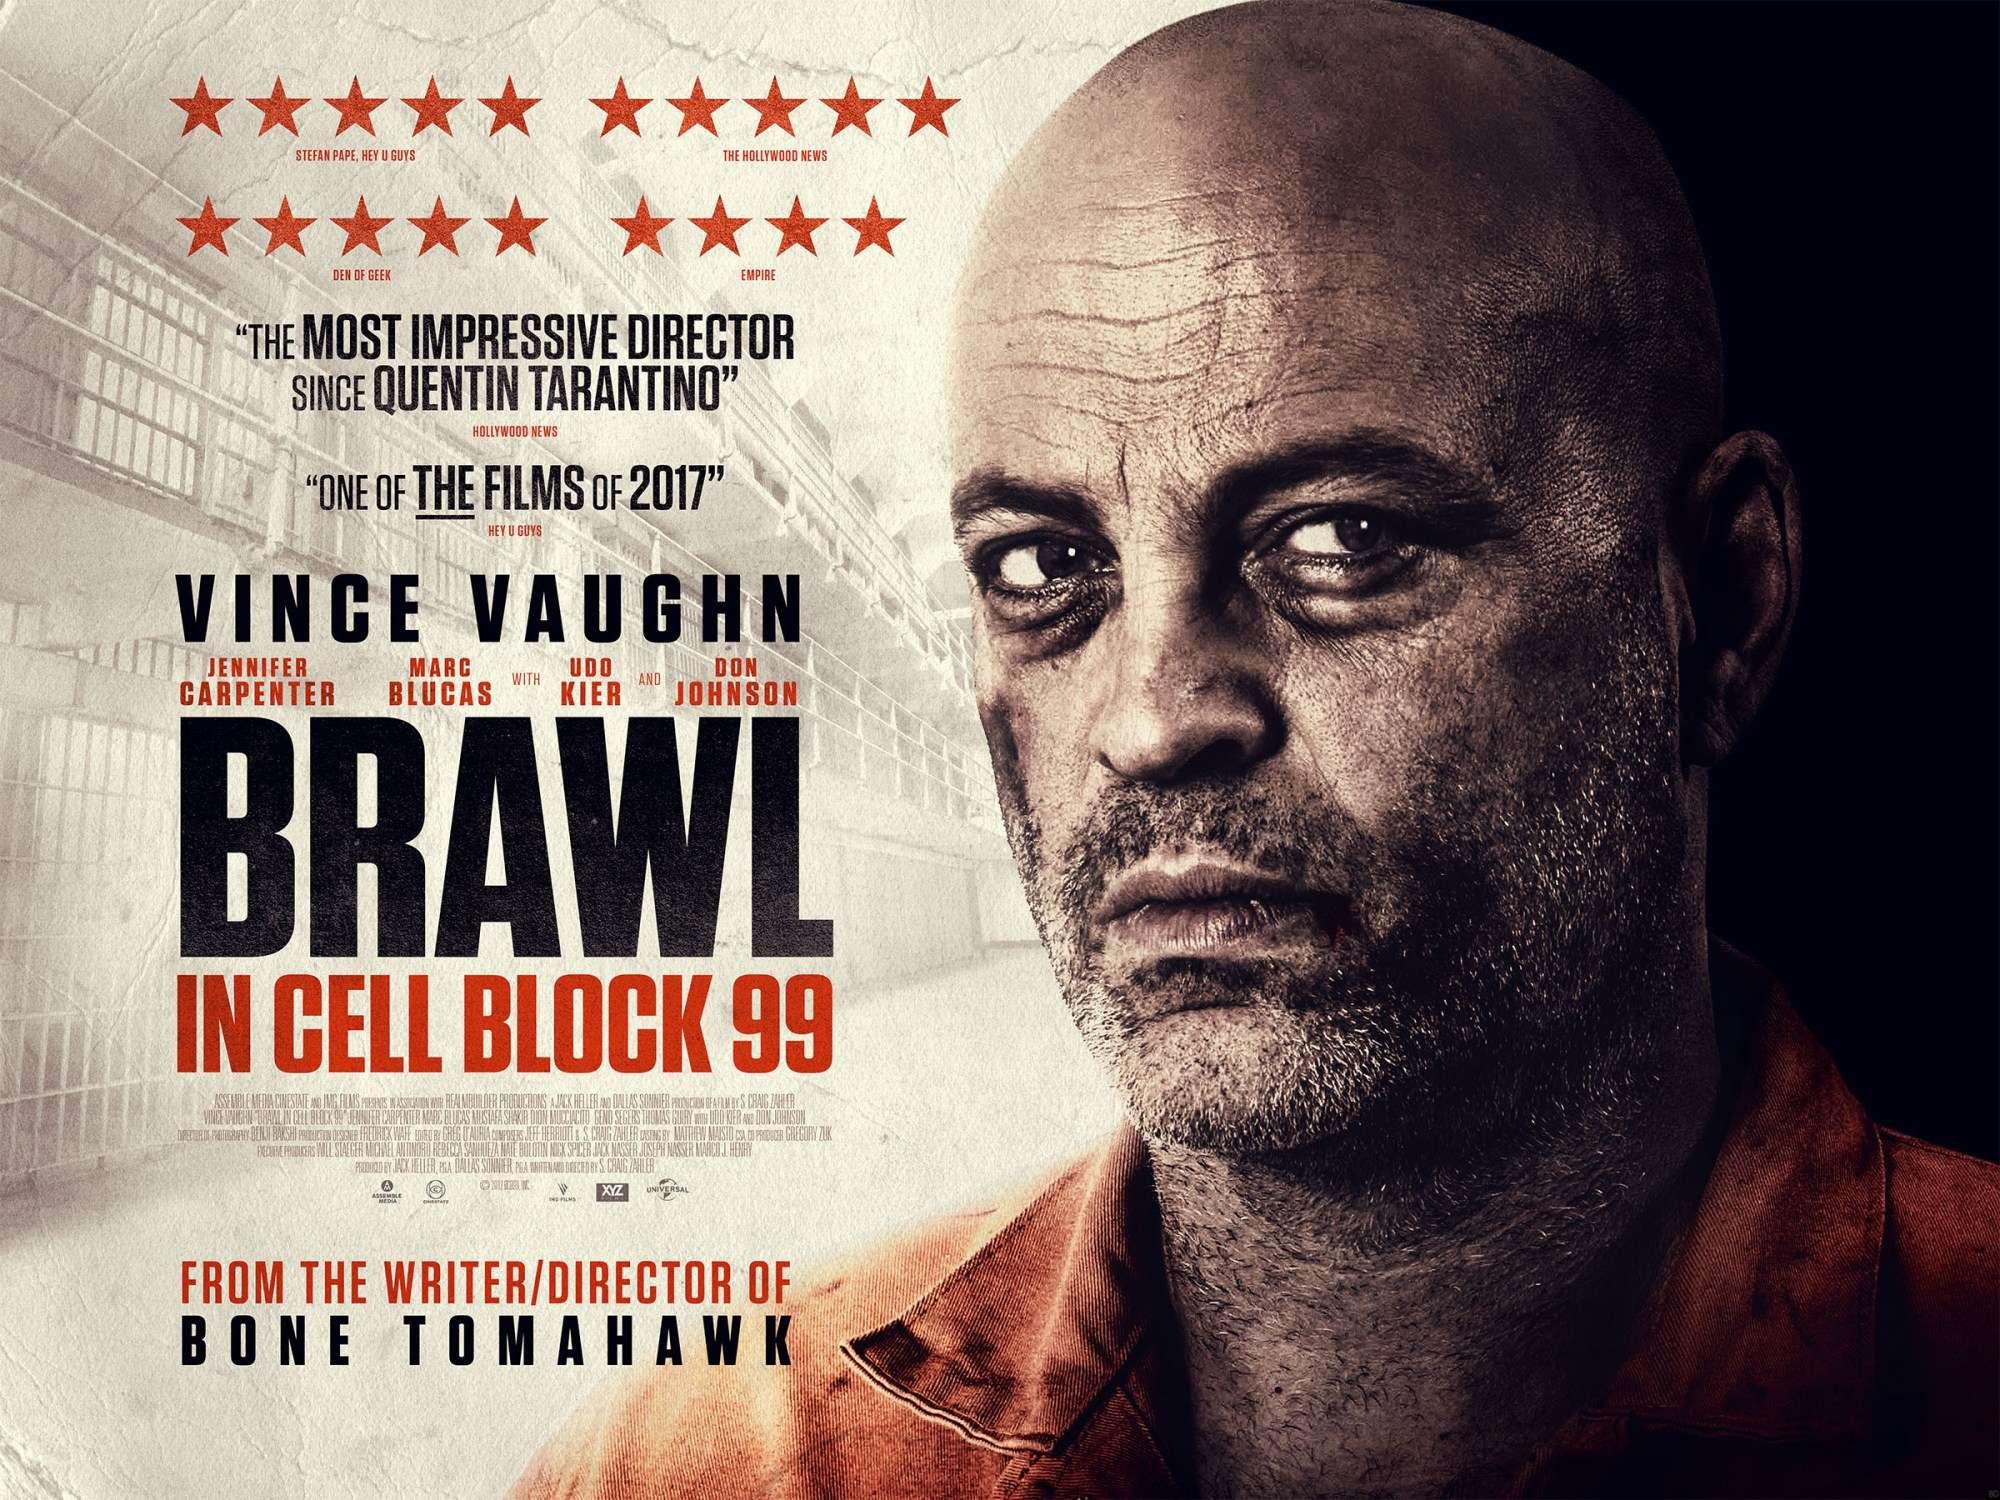 Καυγάς στο μπλοκ 99 (Brawl in Cell Block 99) Quad Poster Πόστερ